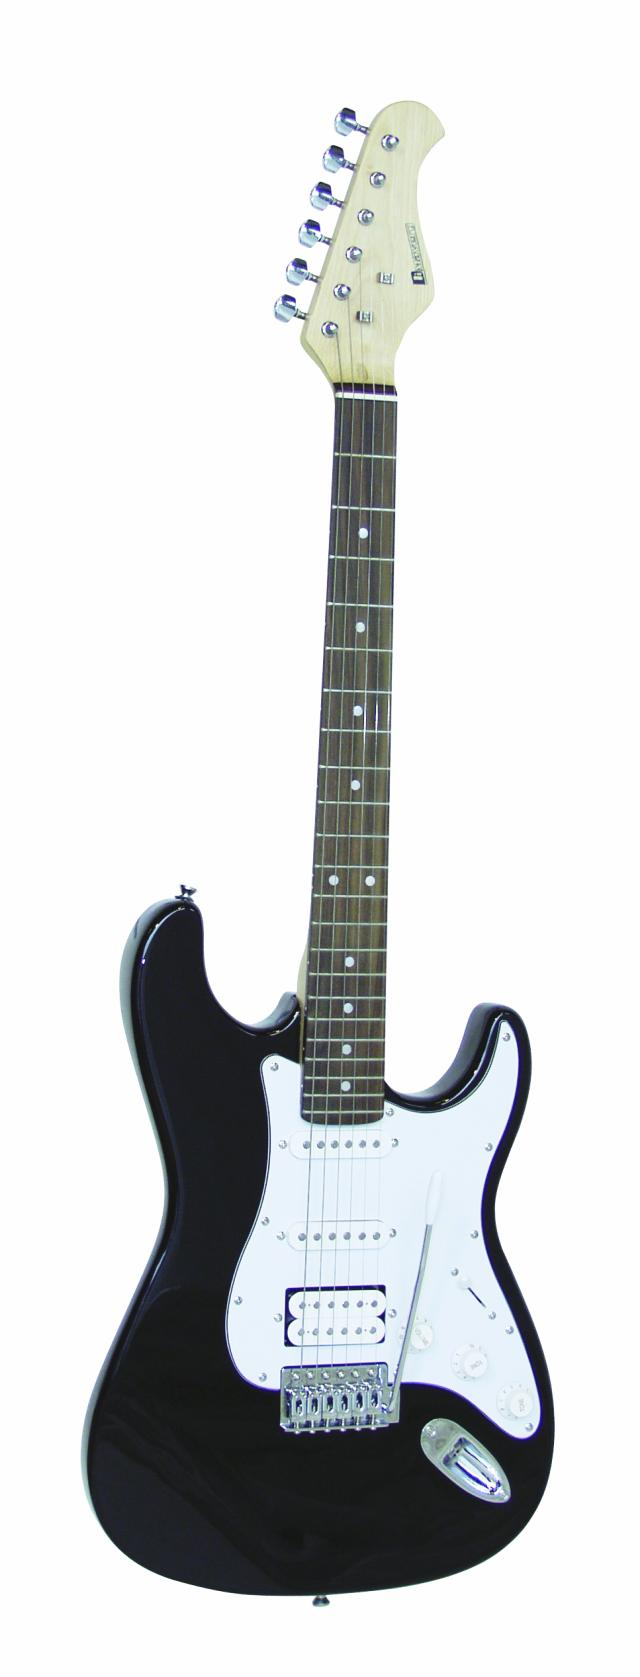 Fotografie Dimavery ST-312 elektrická kytara, černý